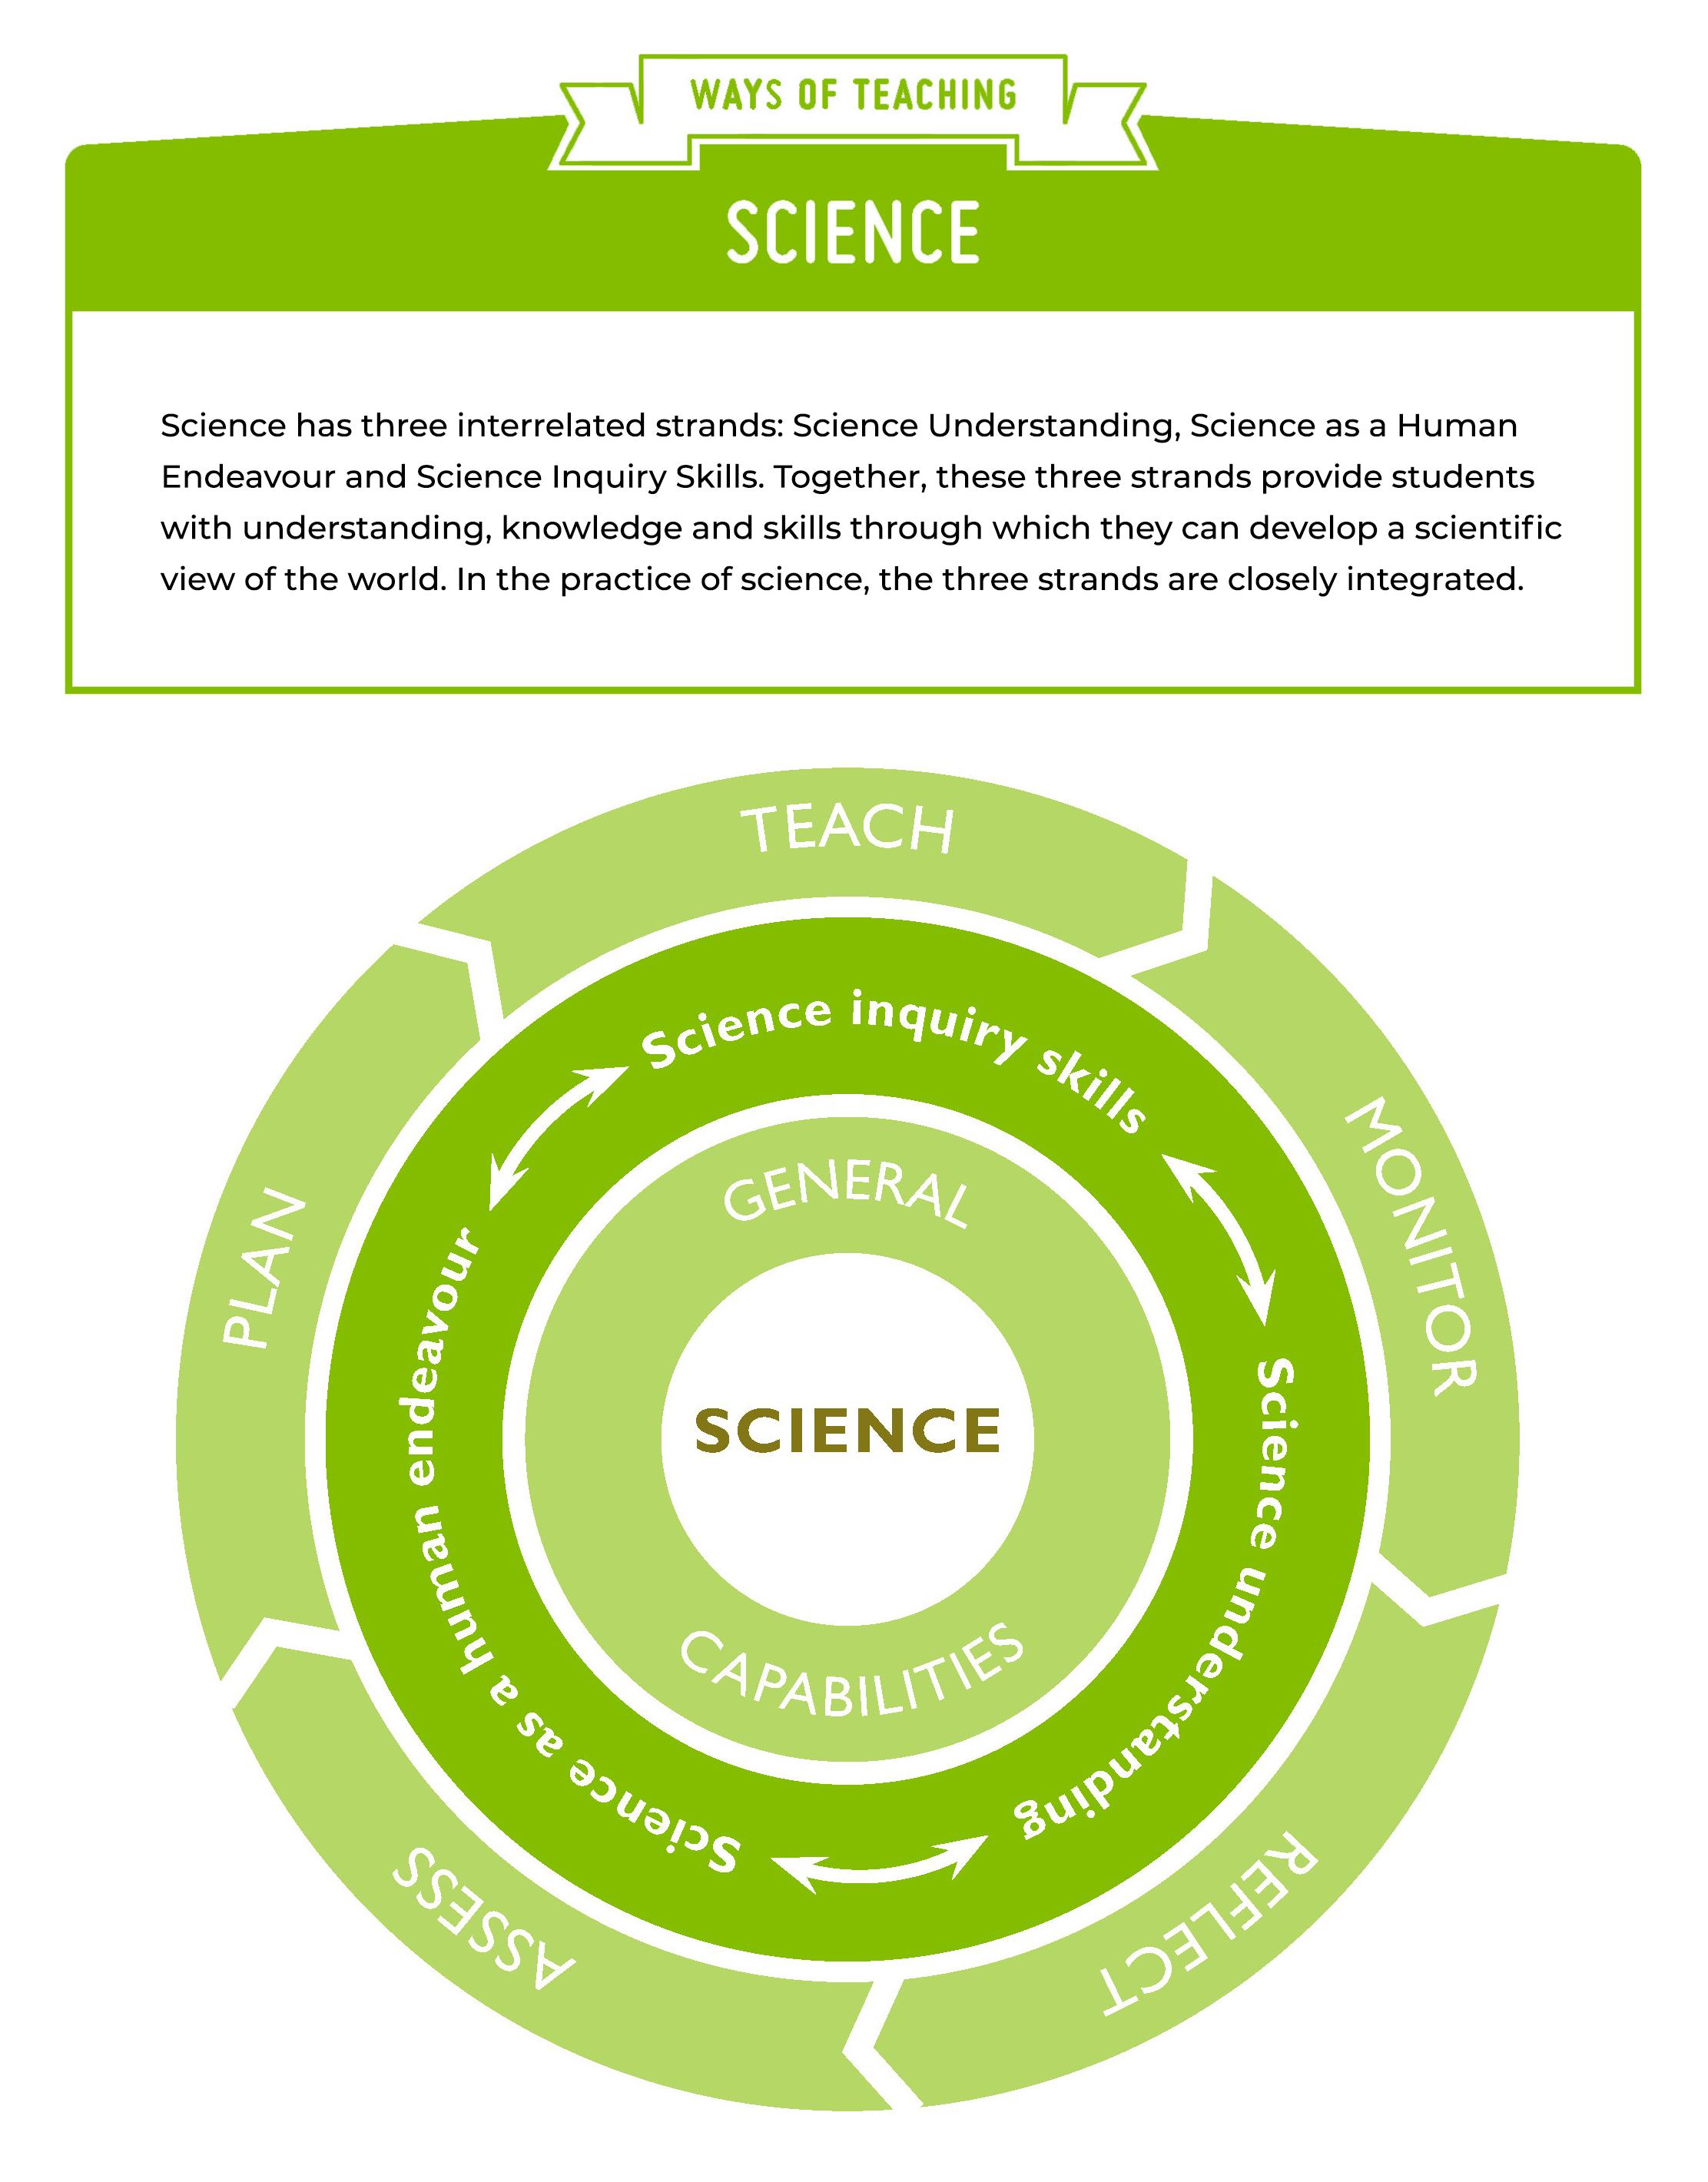 Science Ways of Teaching diagram